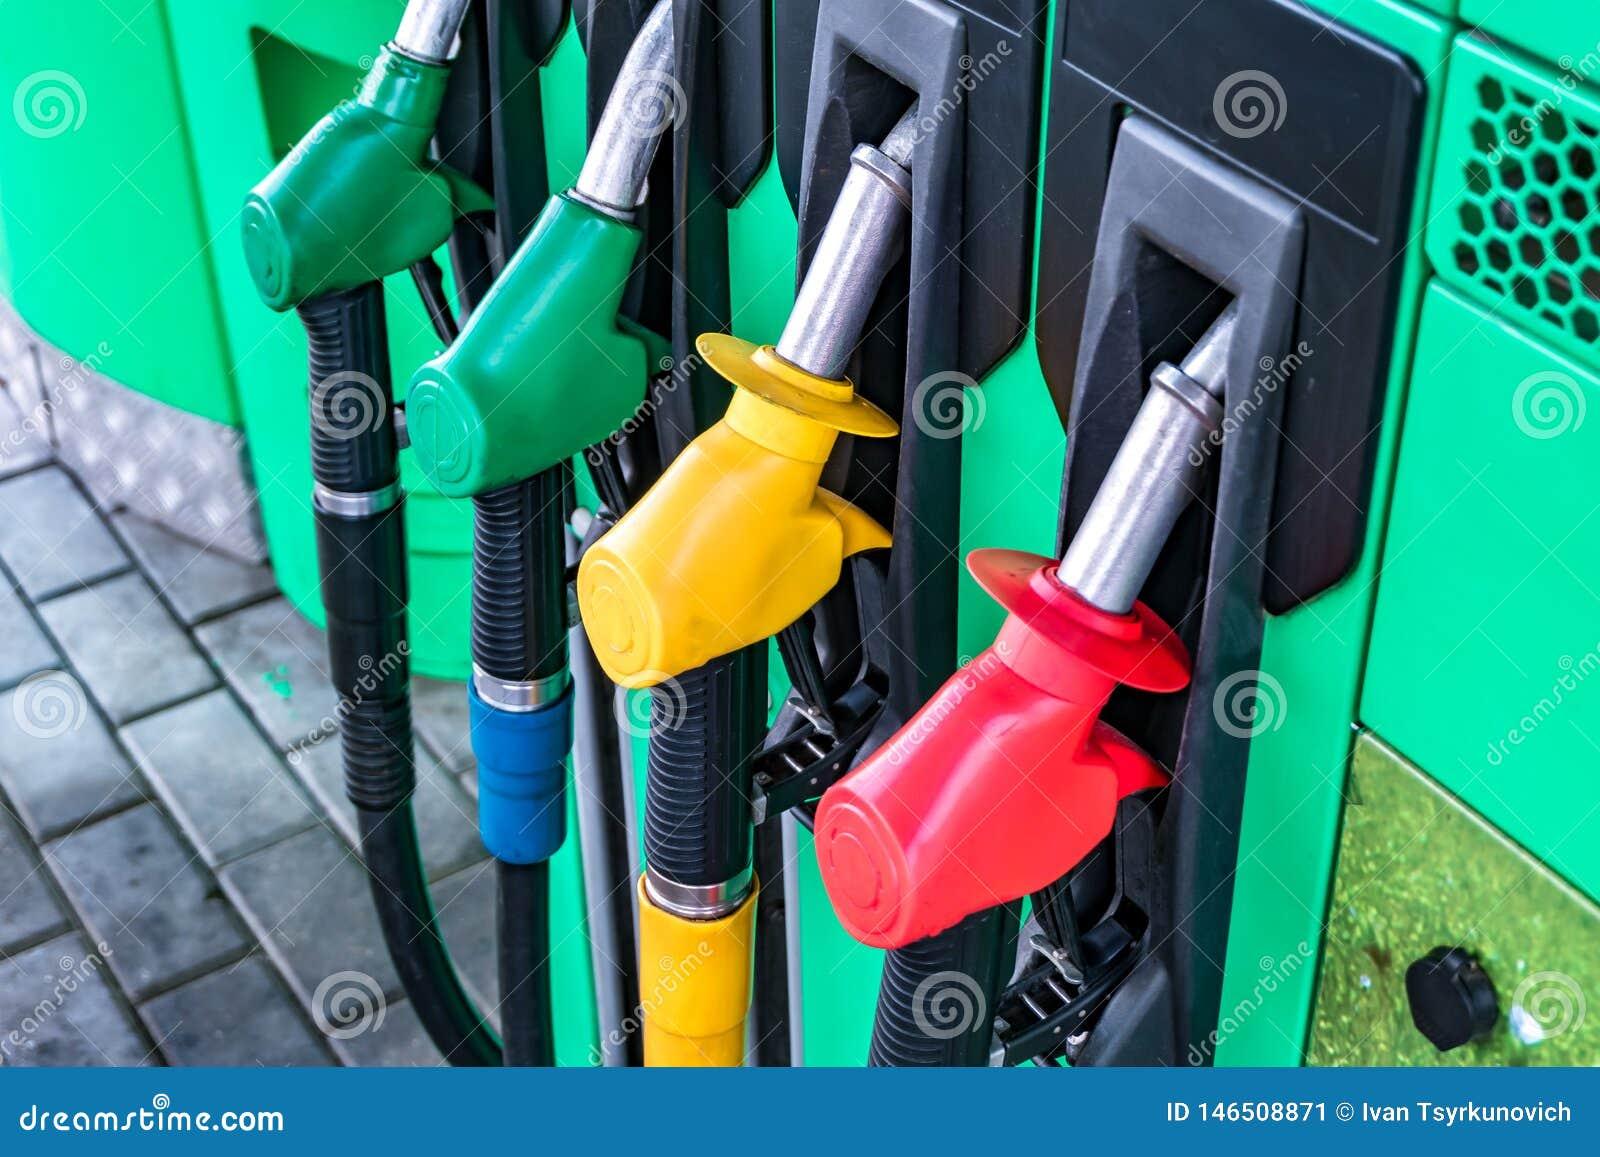 Αέριο και πρατήριο καυσίμων Πυροβόλα όπλα για τον ανεφοδιασμό σε καύσιμα σε ένα βενζινάδικο Η λεπτομέρεια μιας αντλίας πετρελαίου